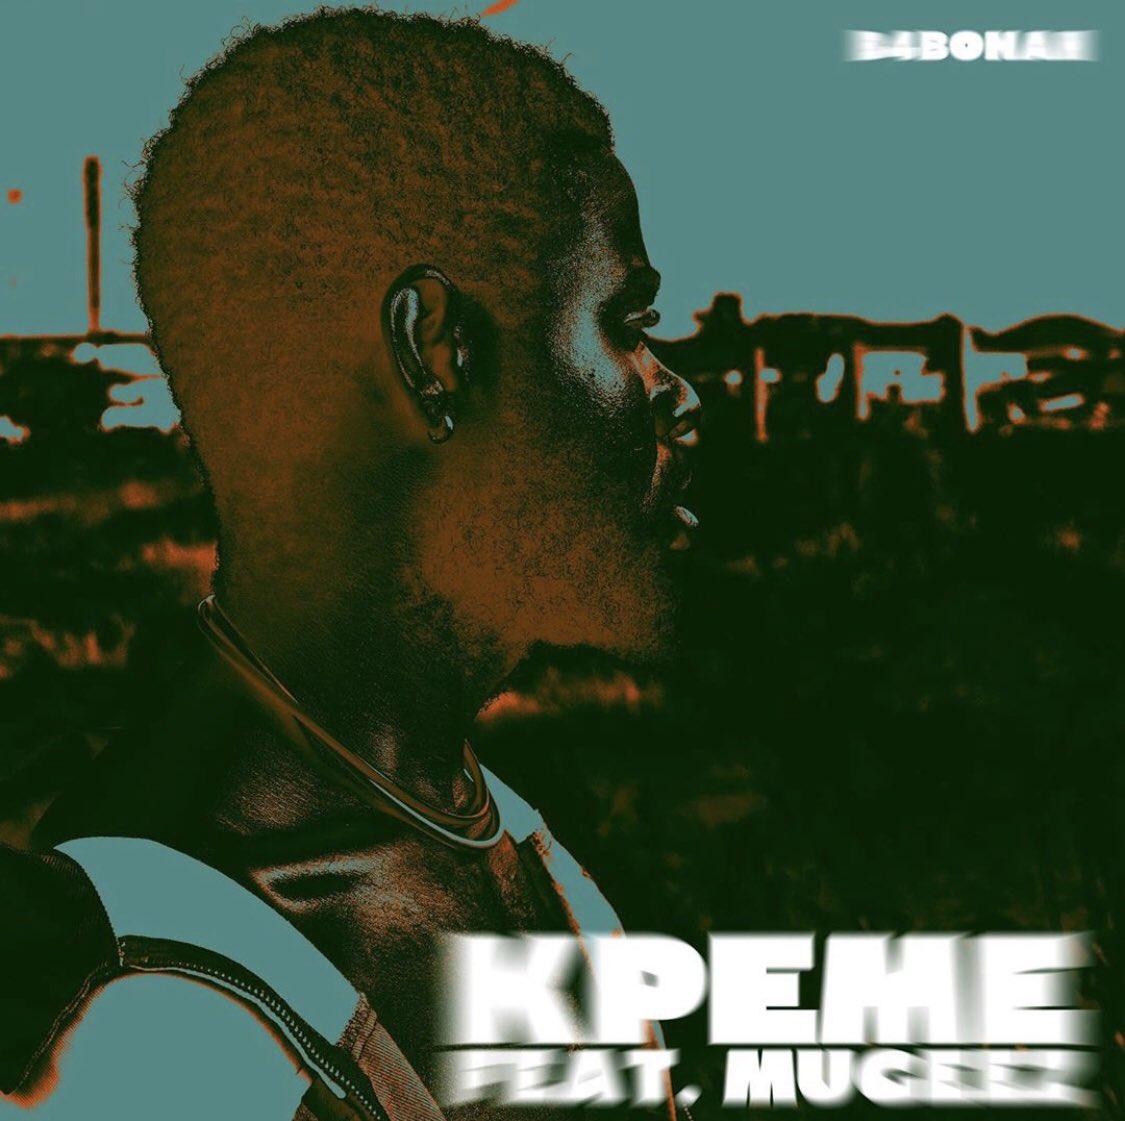 B4Bonah – Kpeme (feat. Mugeez)